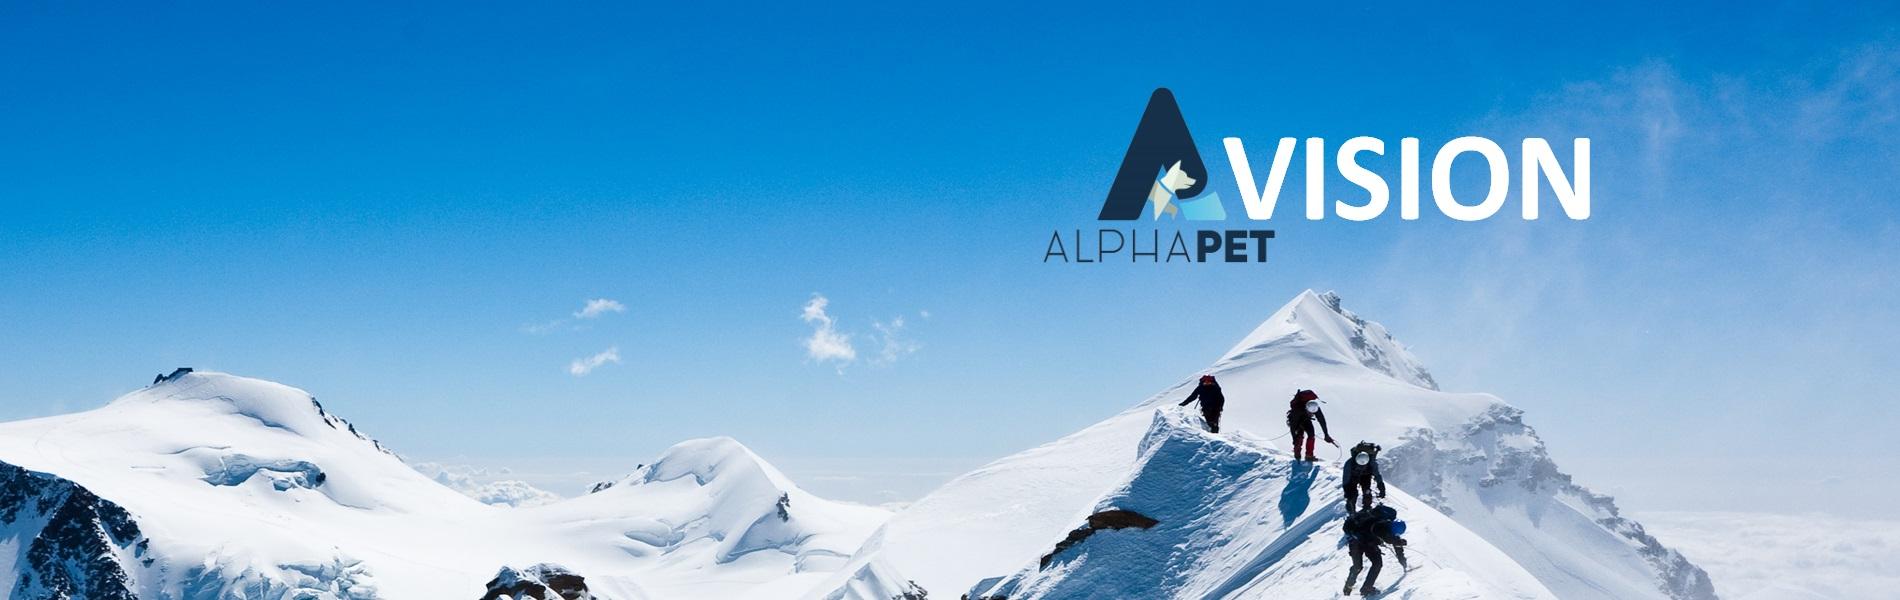 AlphaPet Organisation unsere Vision und Werte